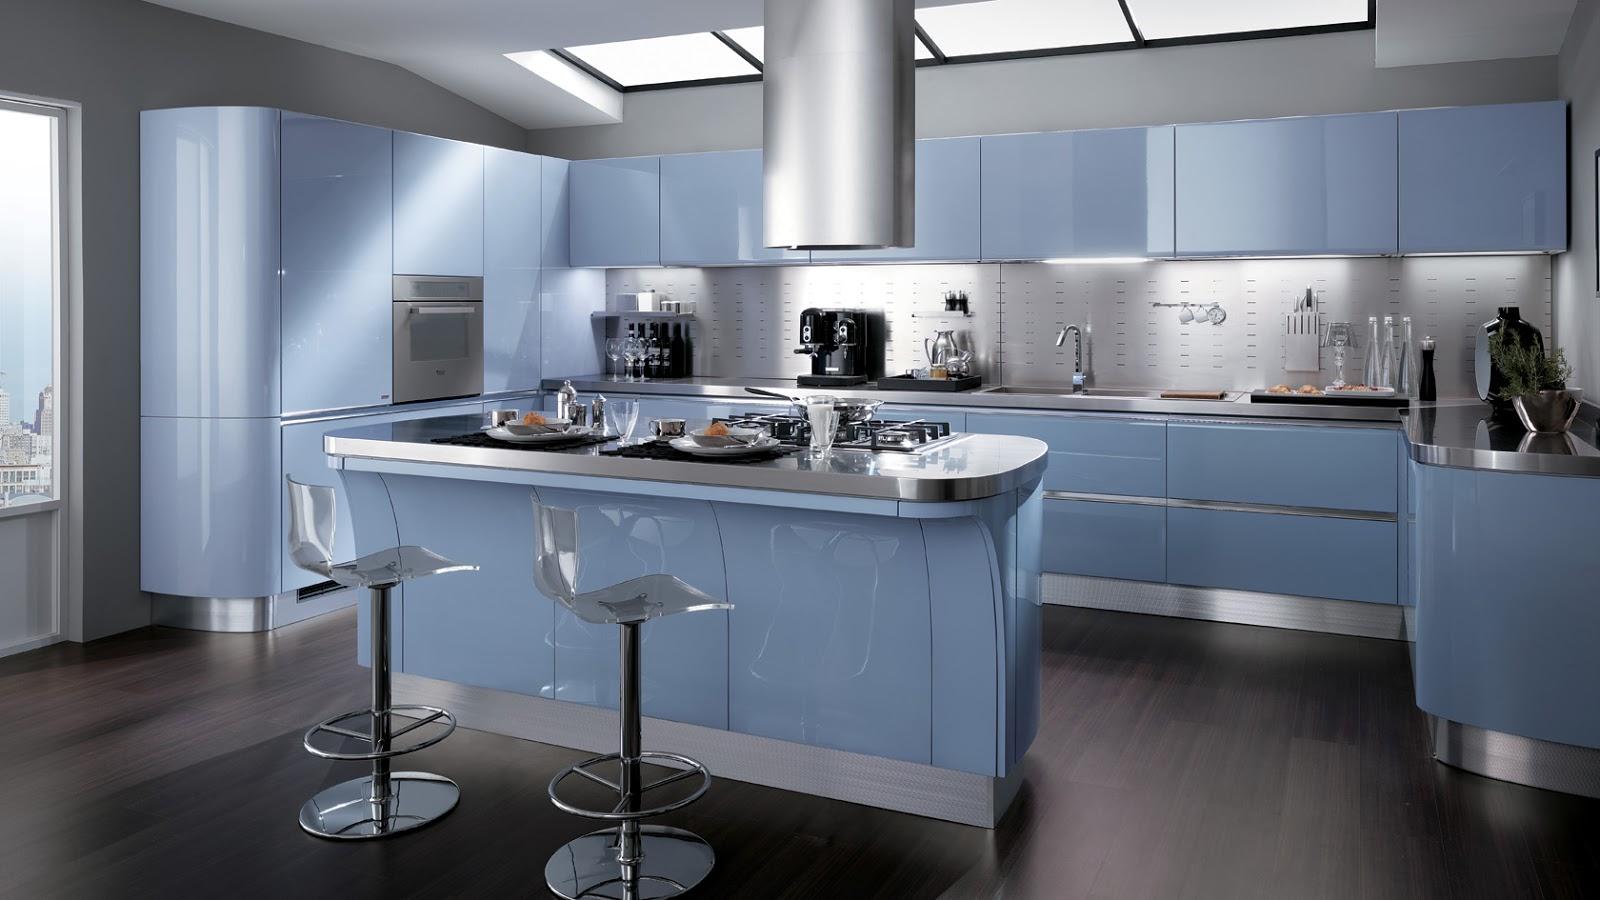 Fotos ideas para decorar casas for Cocina integral